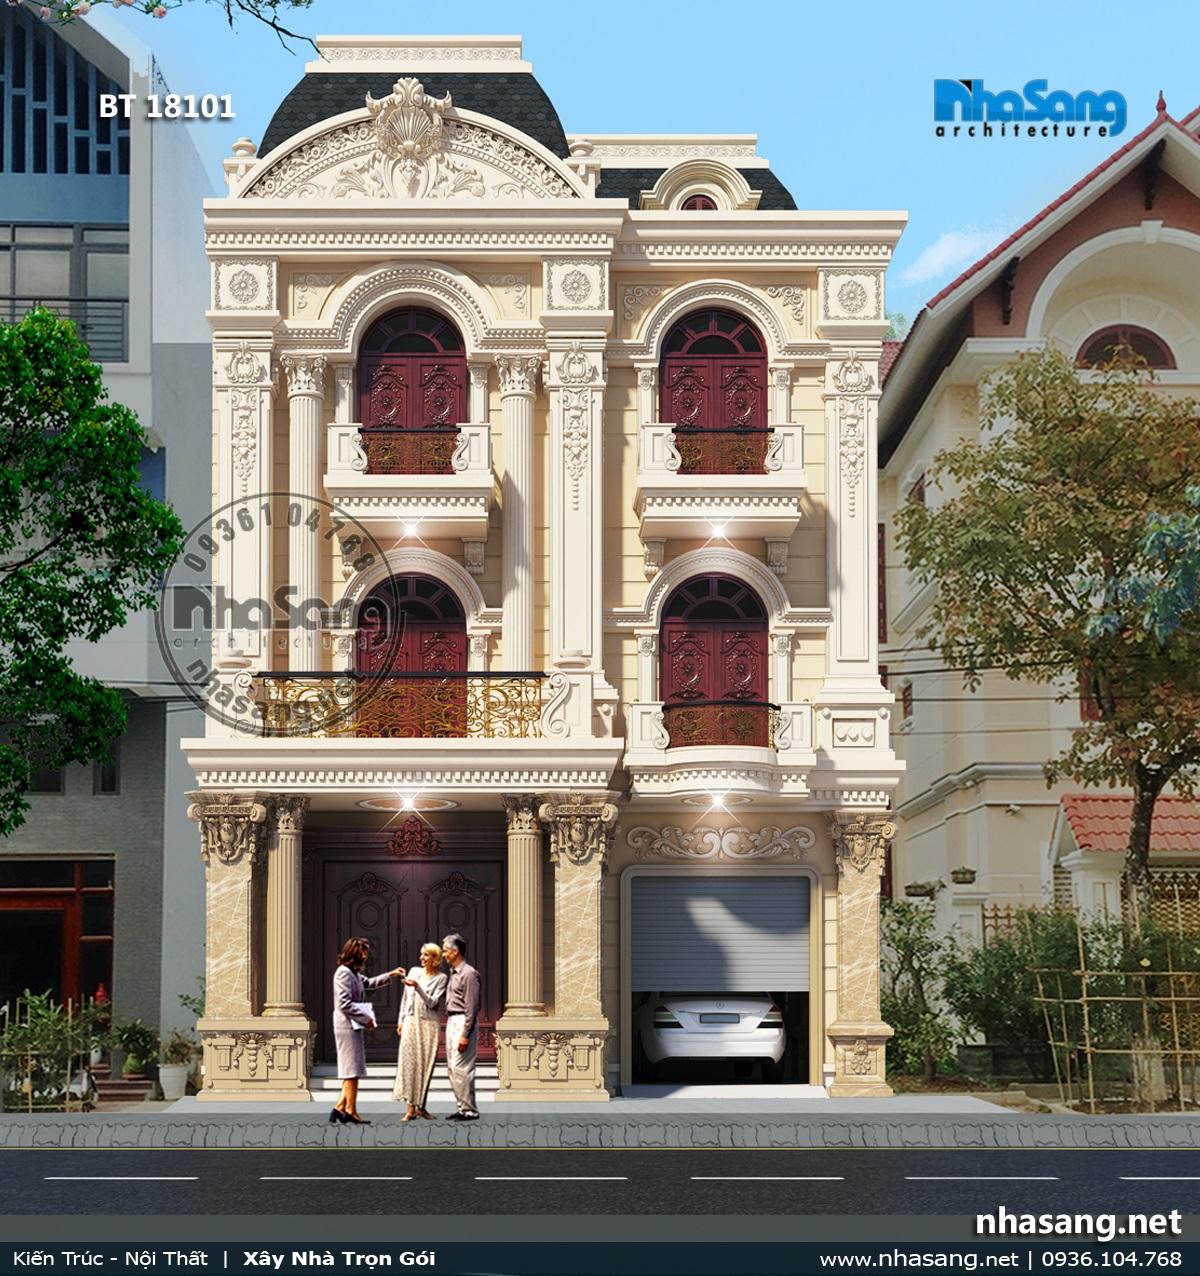 Nhà Sang - Công ty xây dựng Nhà Đẹp